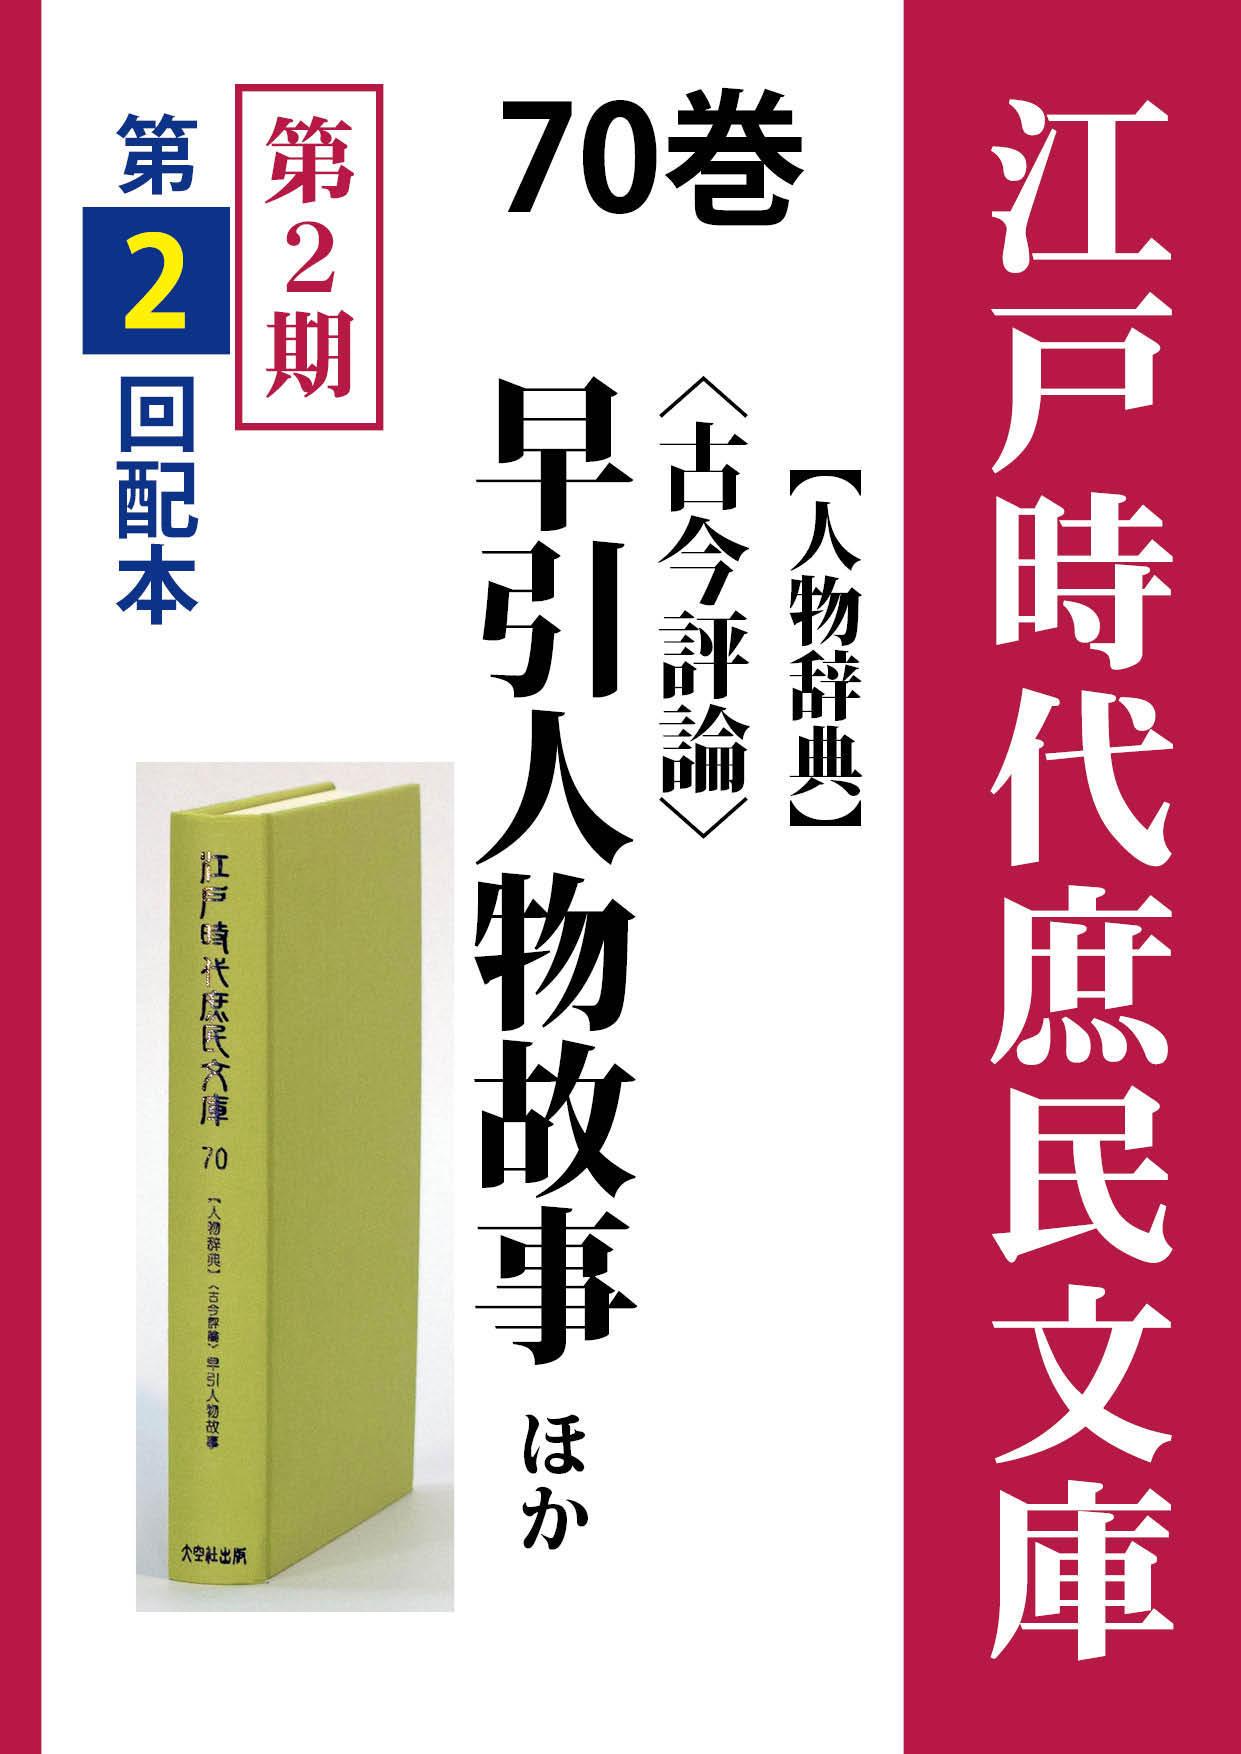 江戸時代庶民文庫 70巻 〈古今評論〉早引人物故事ほか